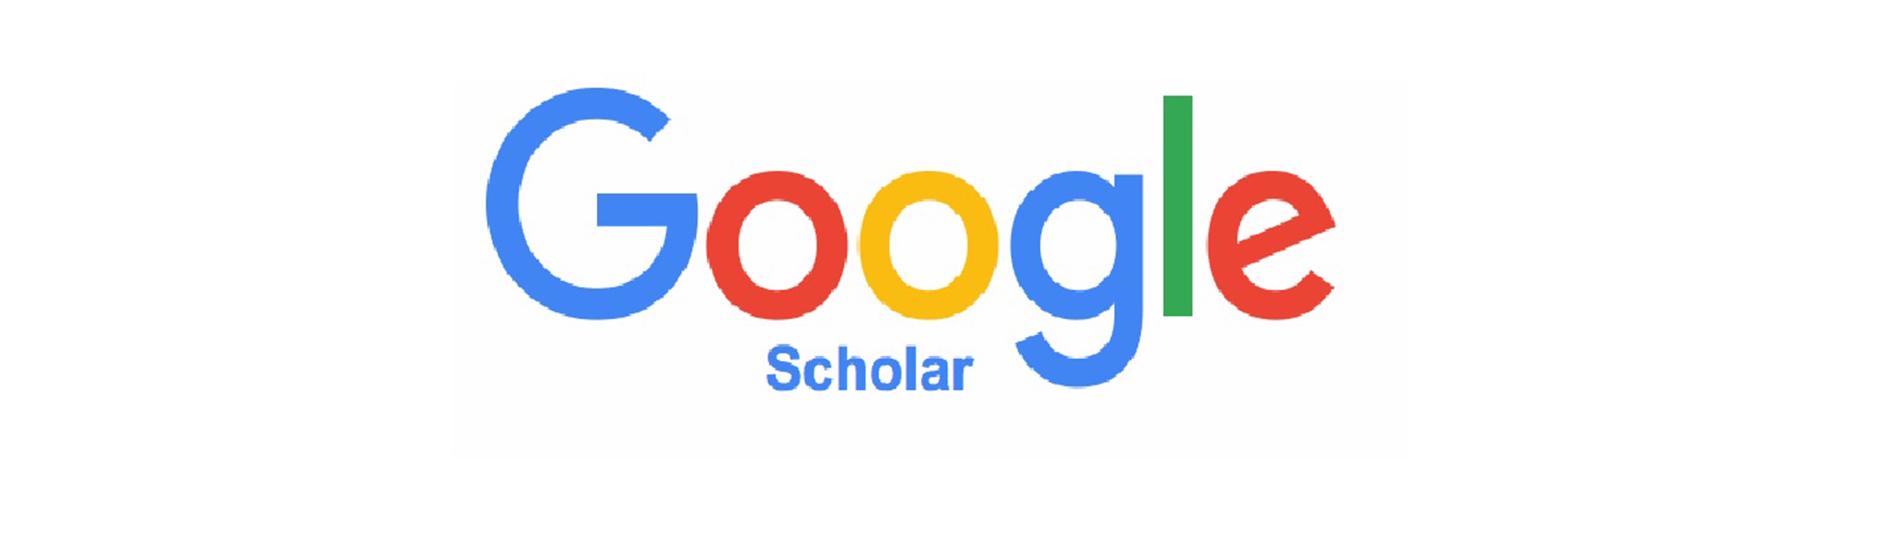 إعلان خاص بلأساتذة لإنشاء حساب خاص فيgoogle scholar